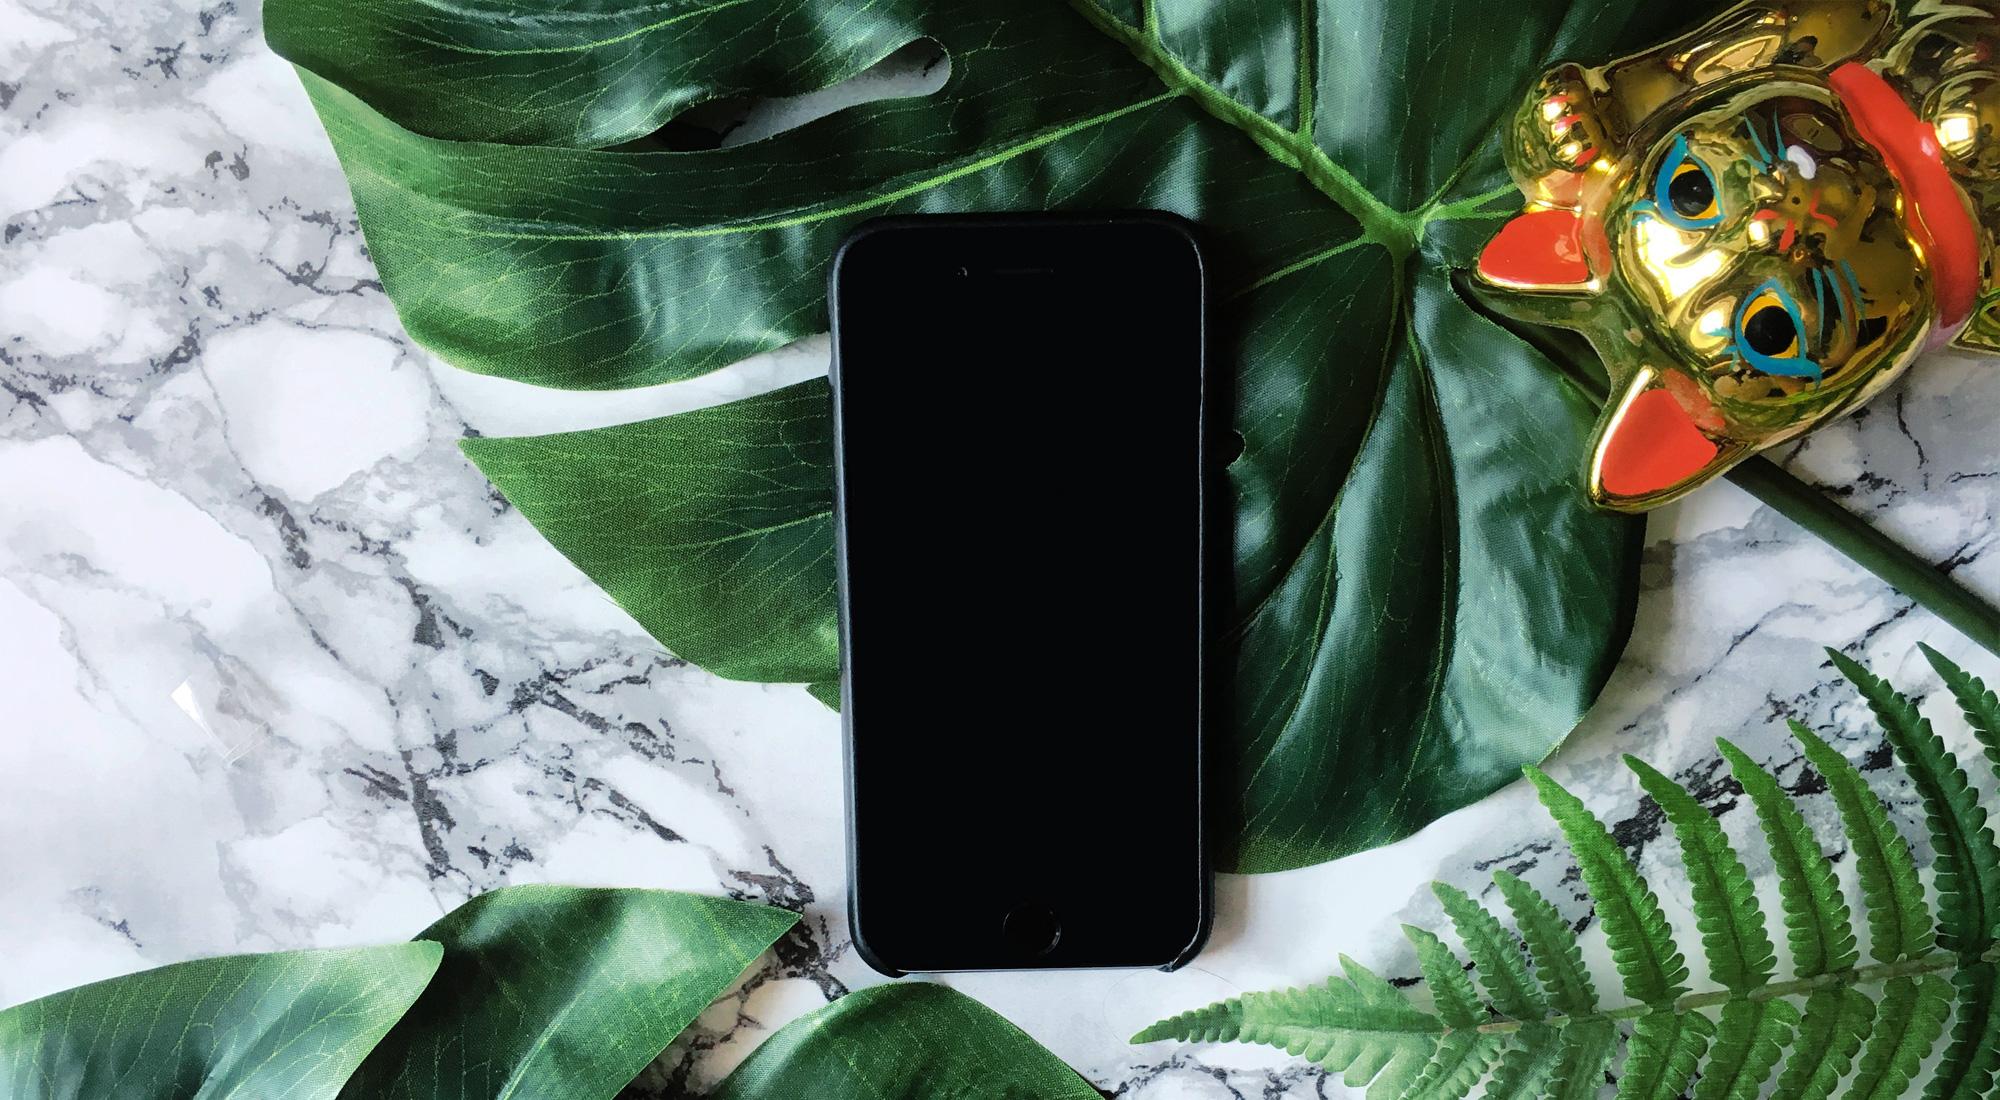 Bild eines iphone und einer Winkekatze auf Marmorhintergrund mit Monstera-Pflanze